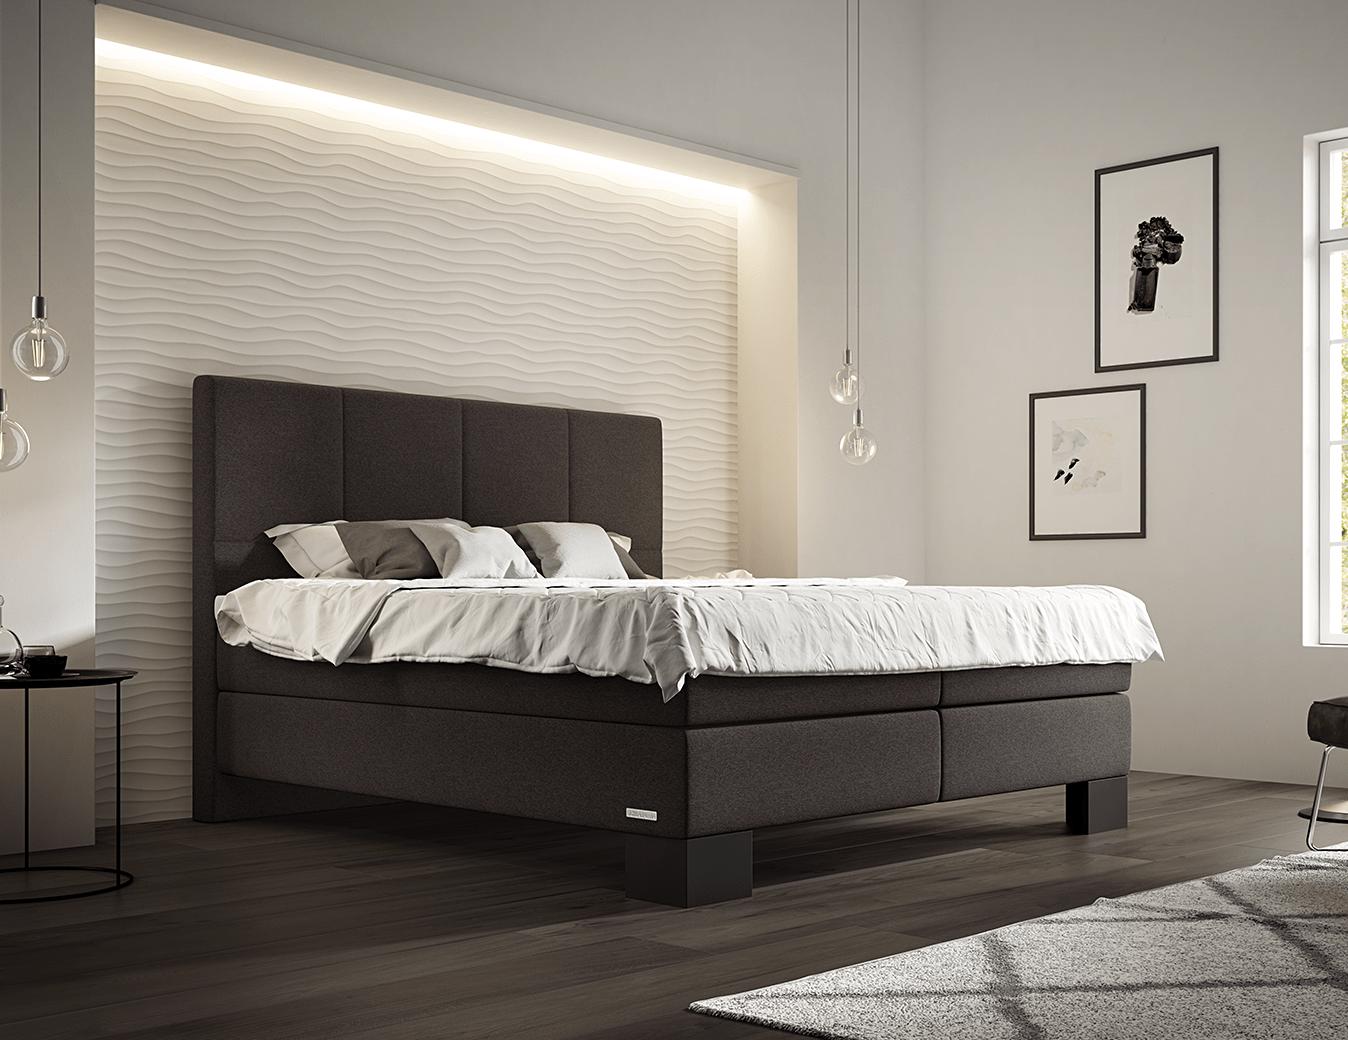 Die richtige Wahl für erholsamen Schlaf die neuen